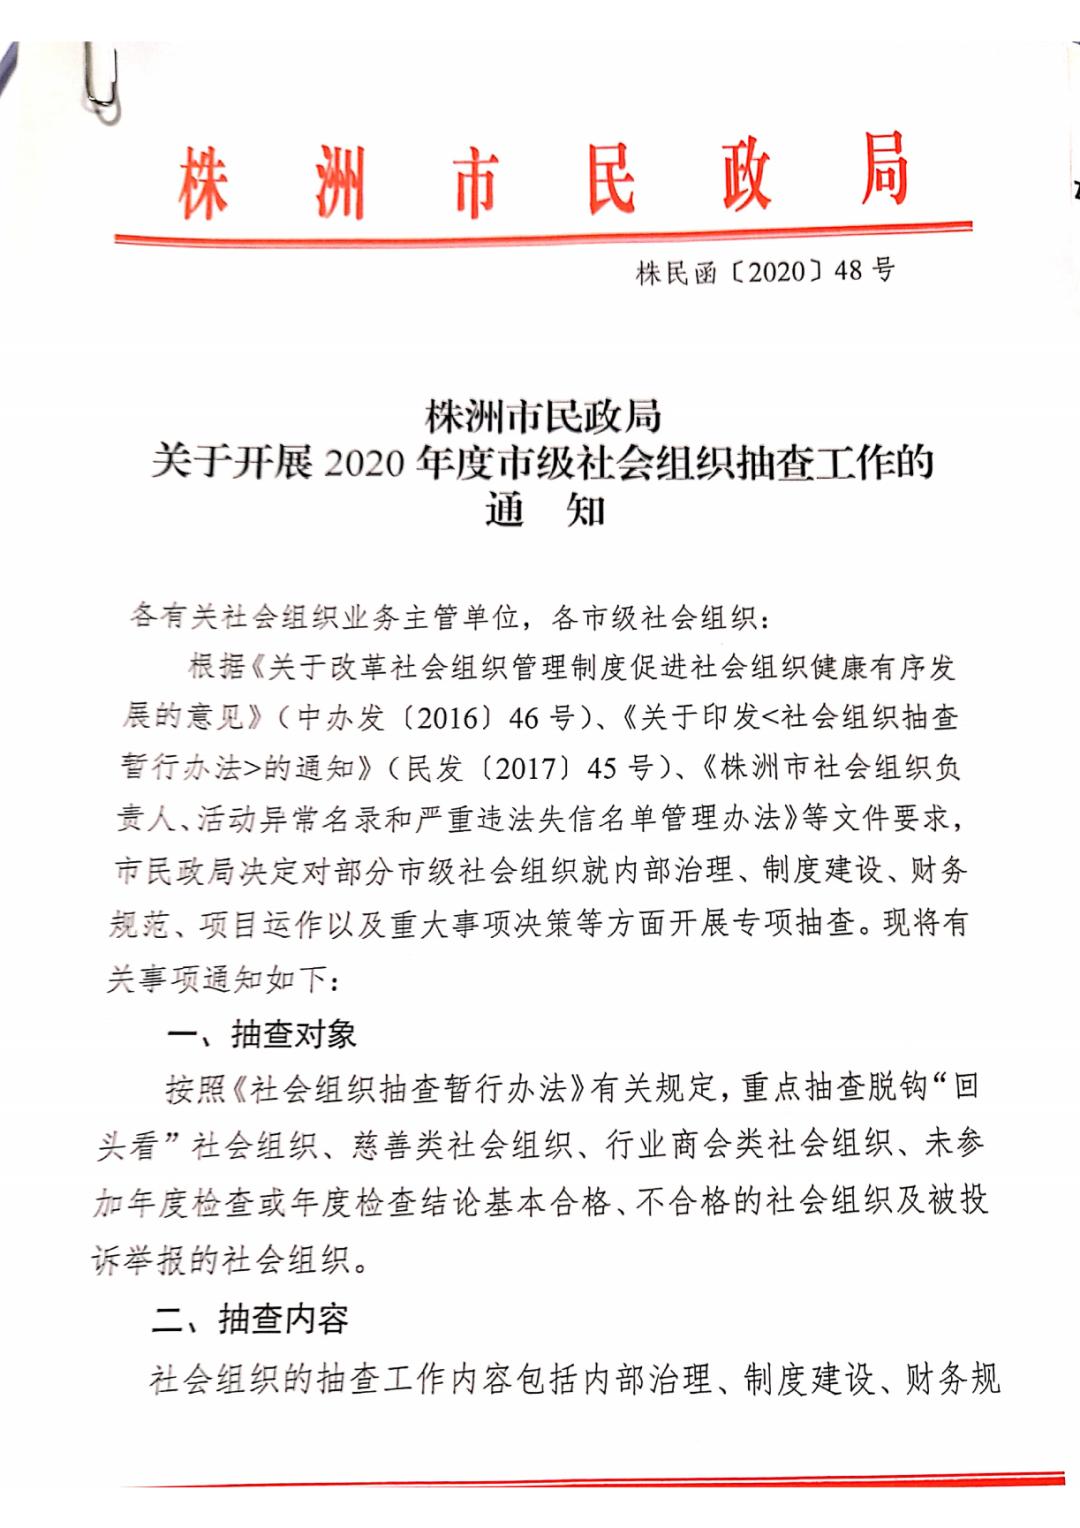 株洲市民政局关于开展2020年度市级社会组织抽查工作的通知